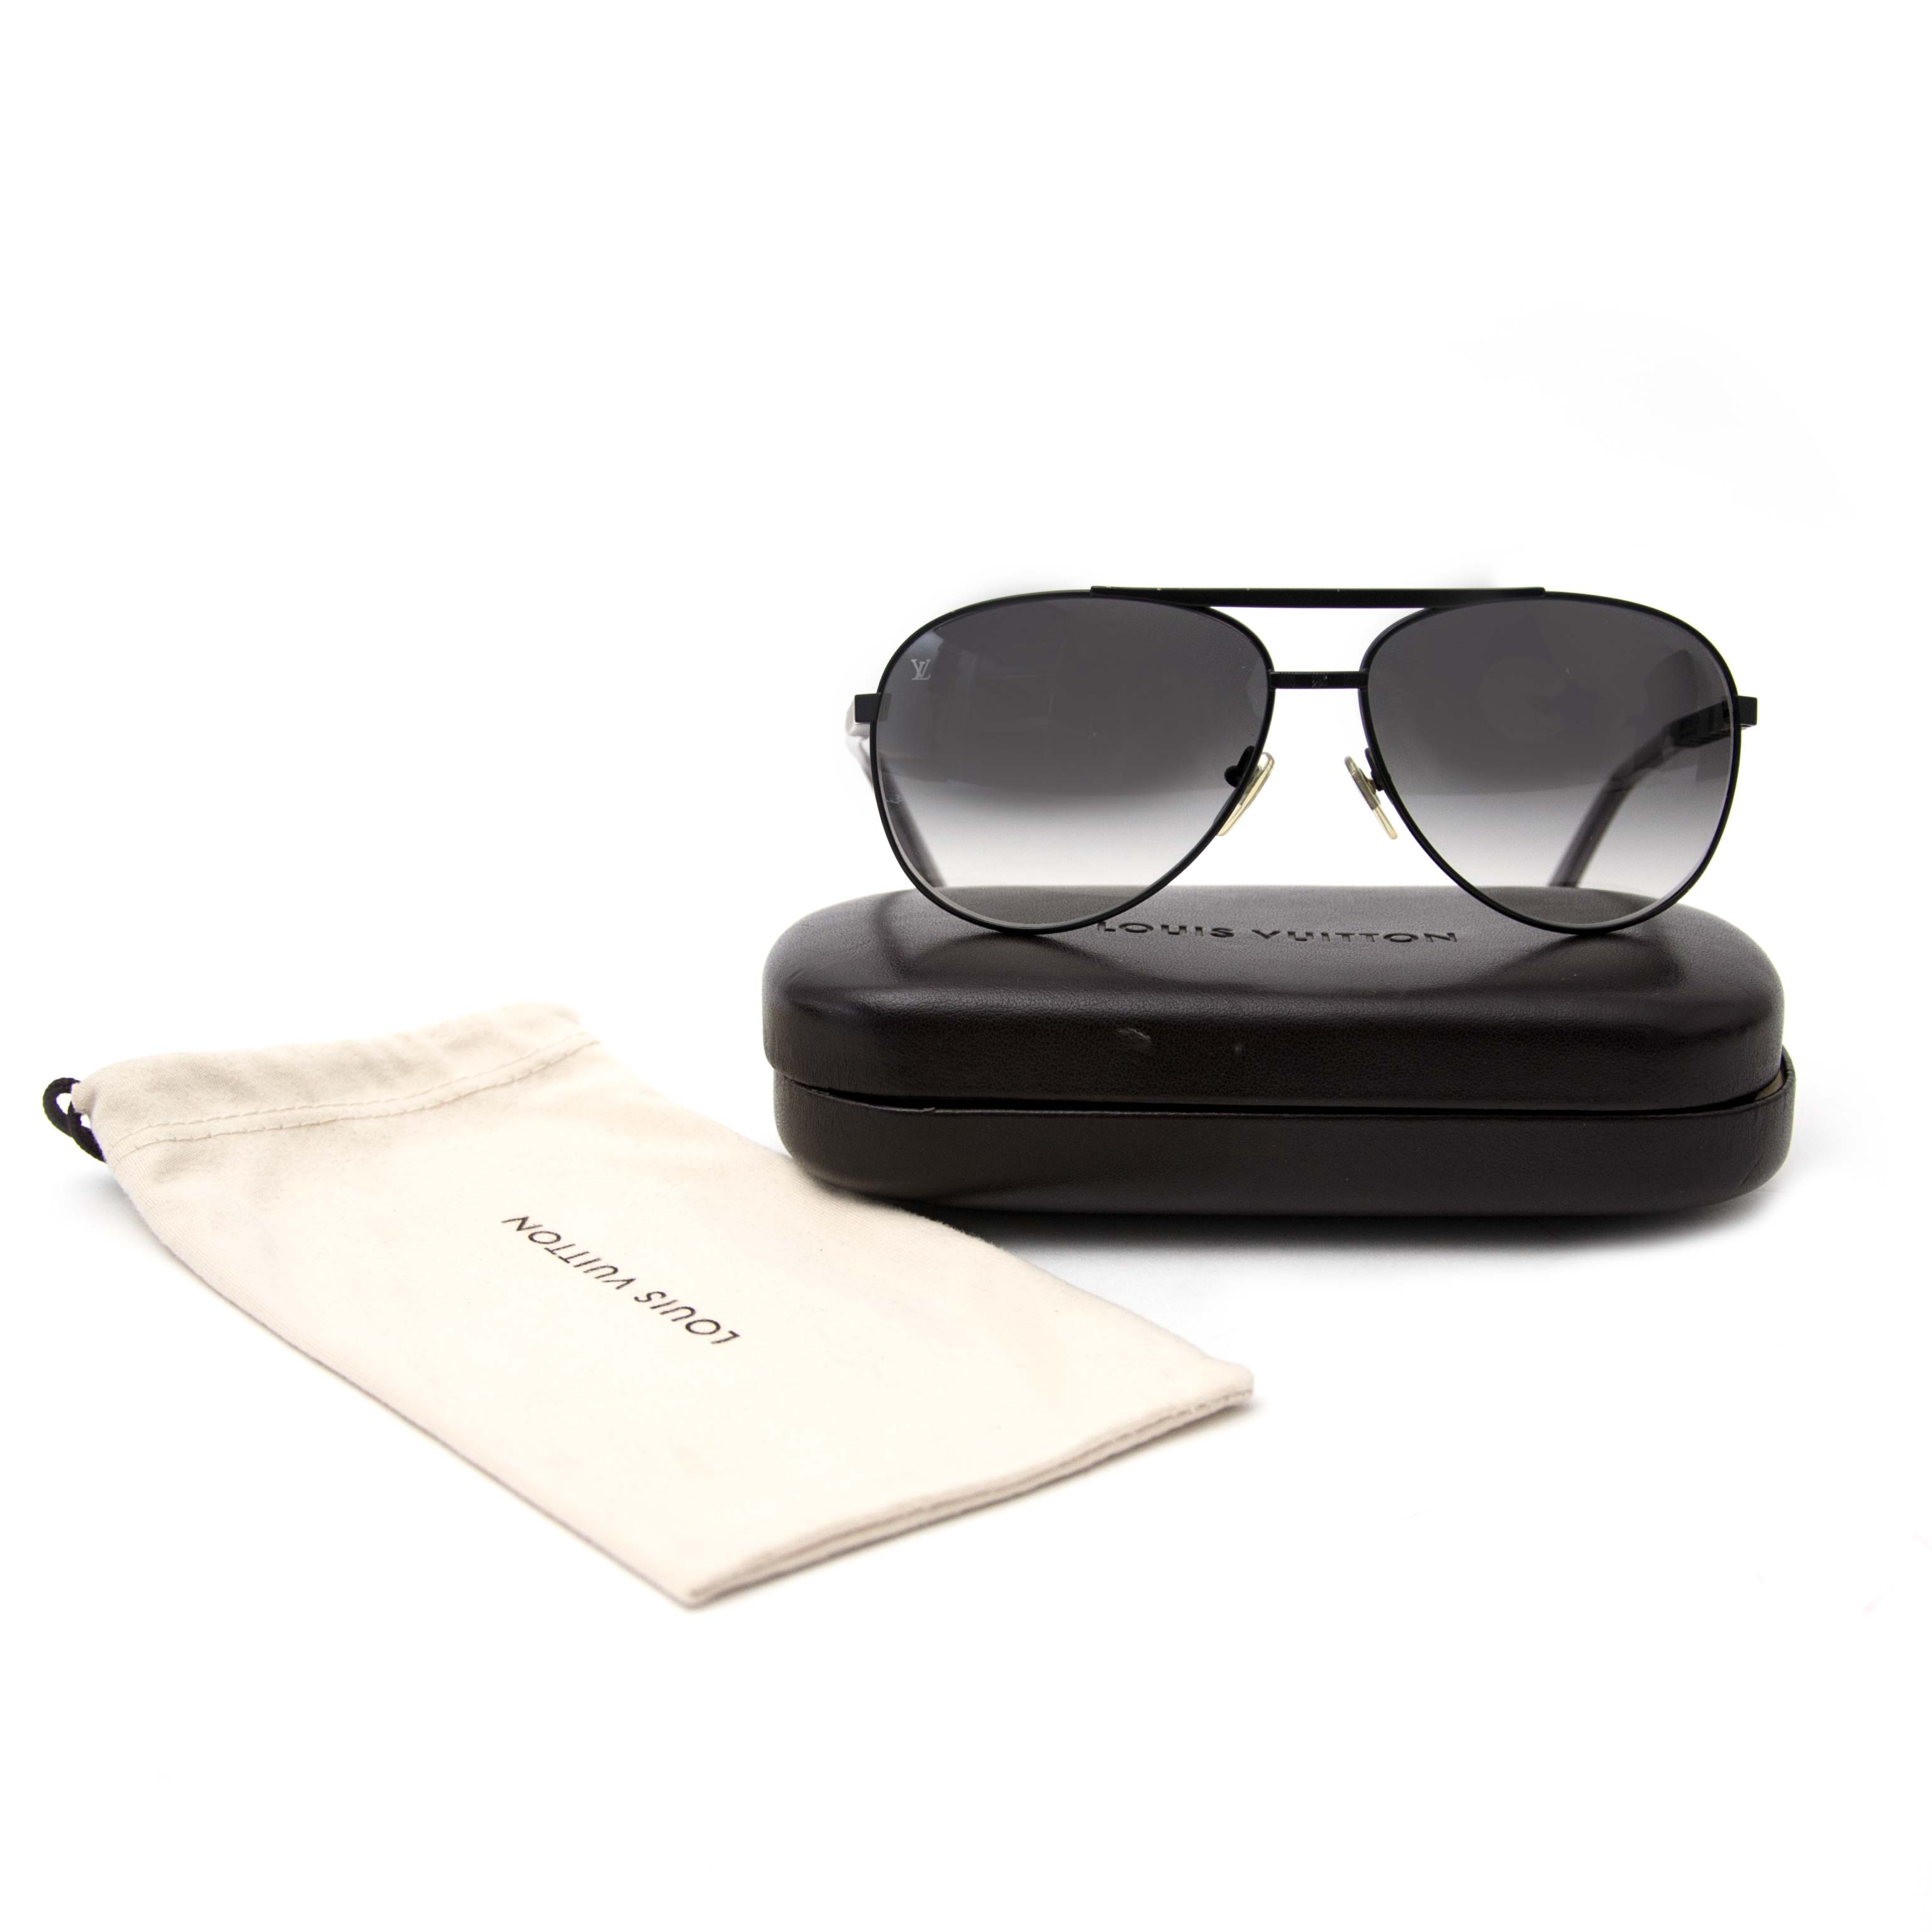 Louis Vuitton Sunglasses Attitude Pilote for sale online at Labellov.